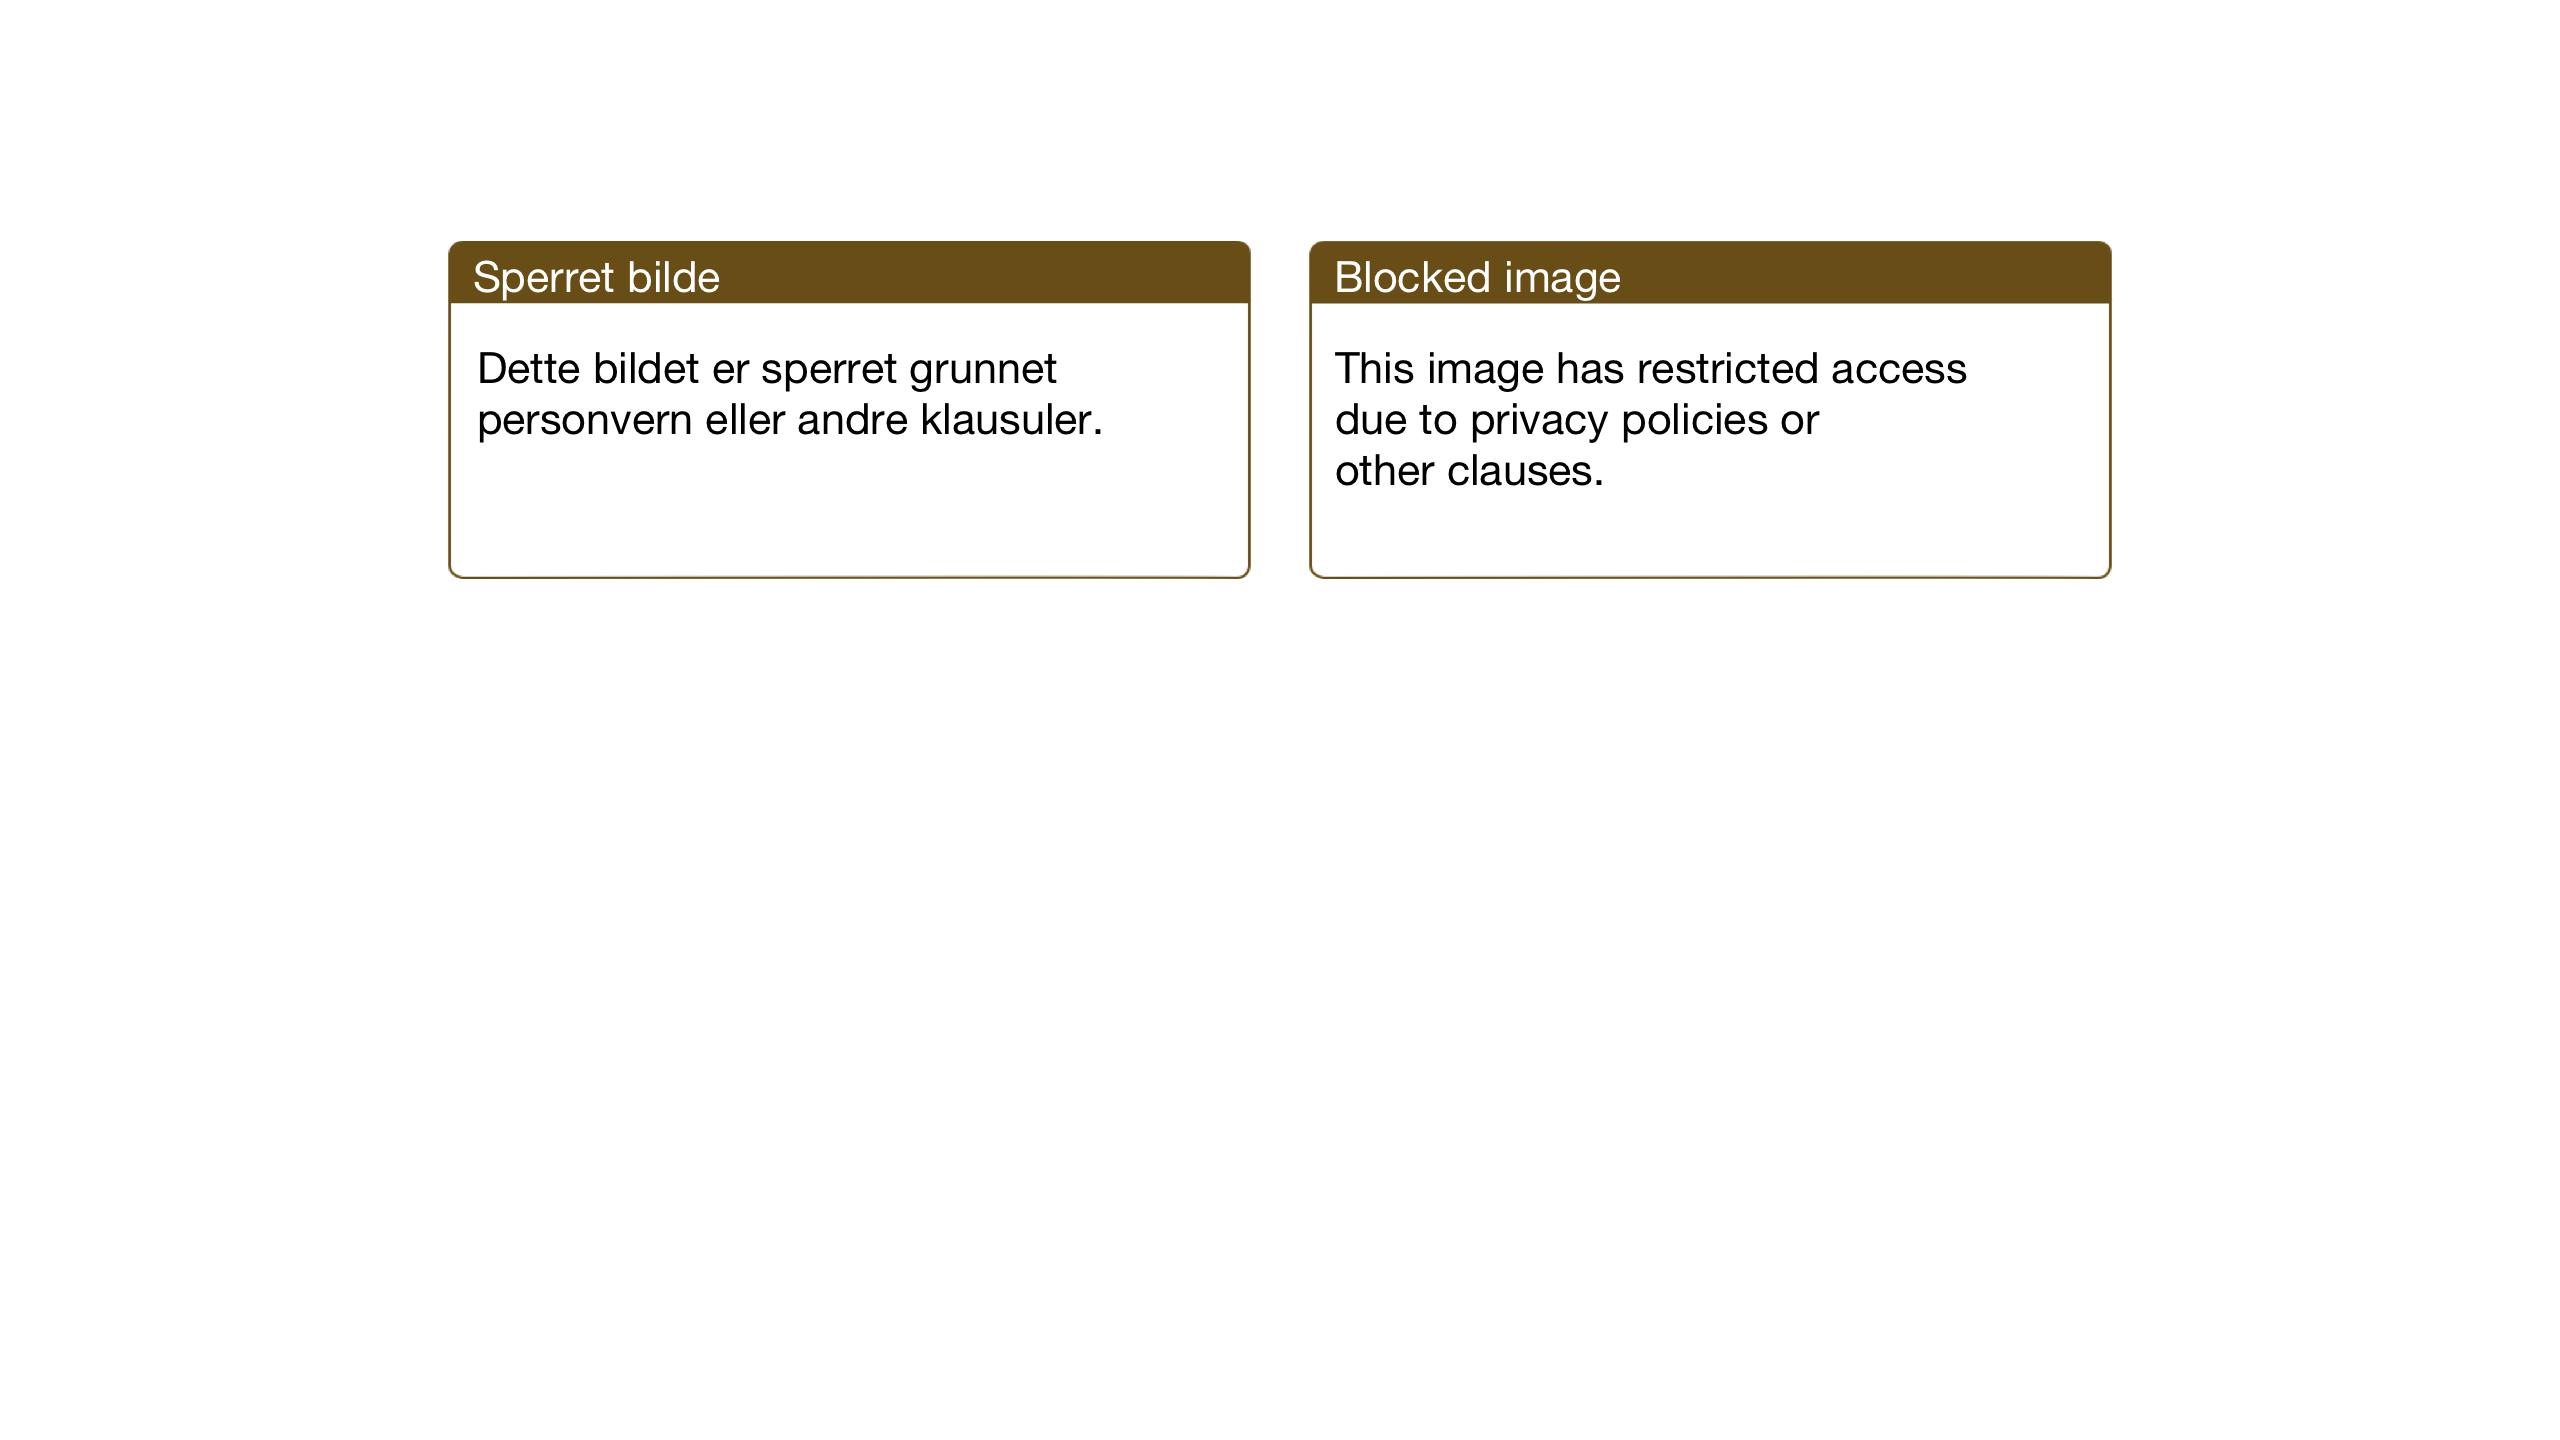 SAT, Ministerialprotokoller, klokkerbøker og fødselsregistre - Sør-Trøndelag, 681/L0944: Klokkerbok nr. 681C08, 1926-1954, s. 12